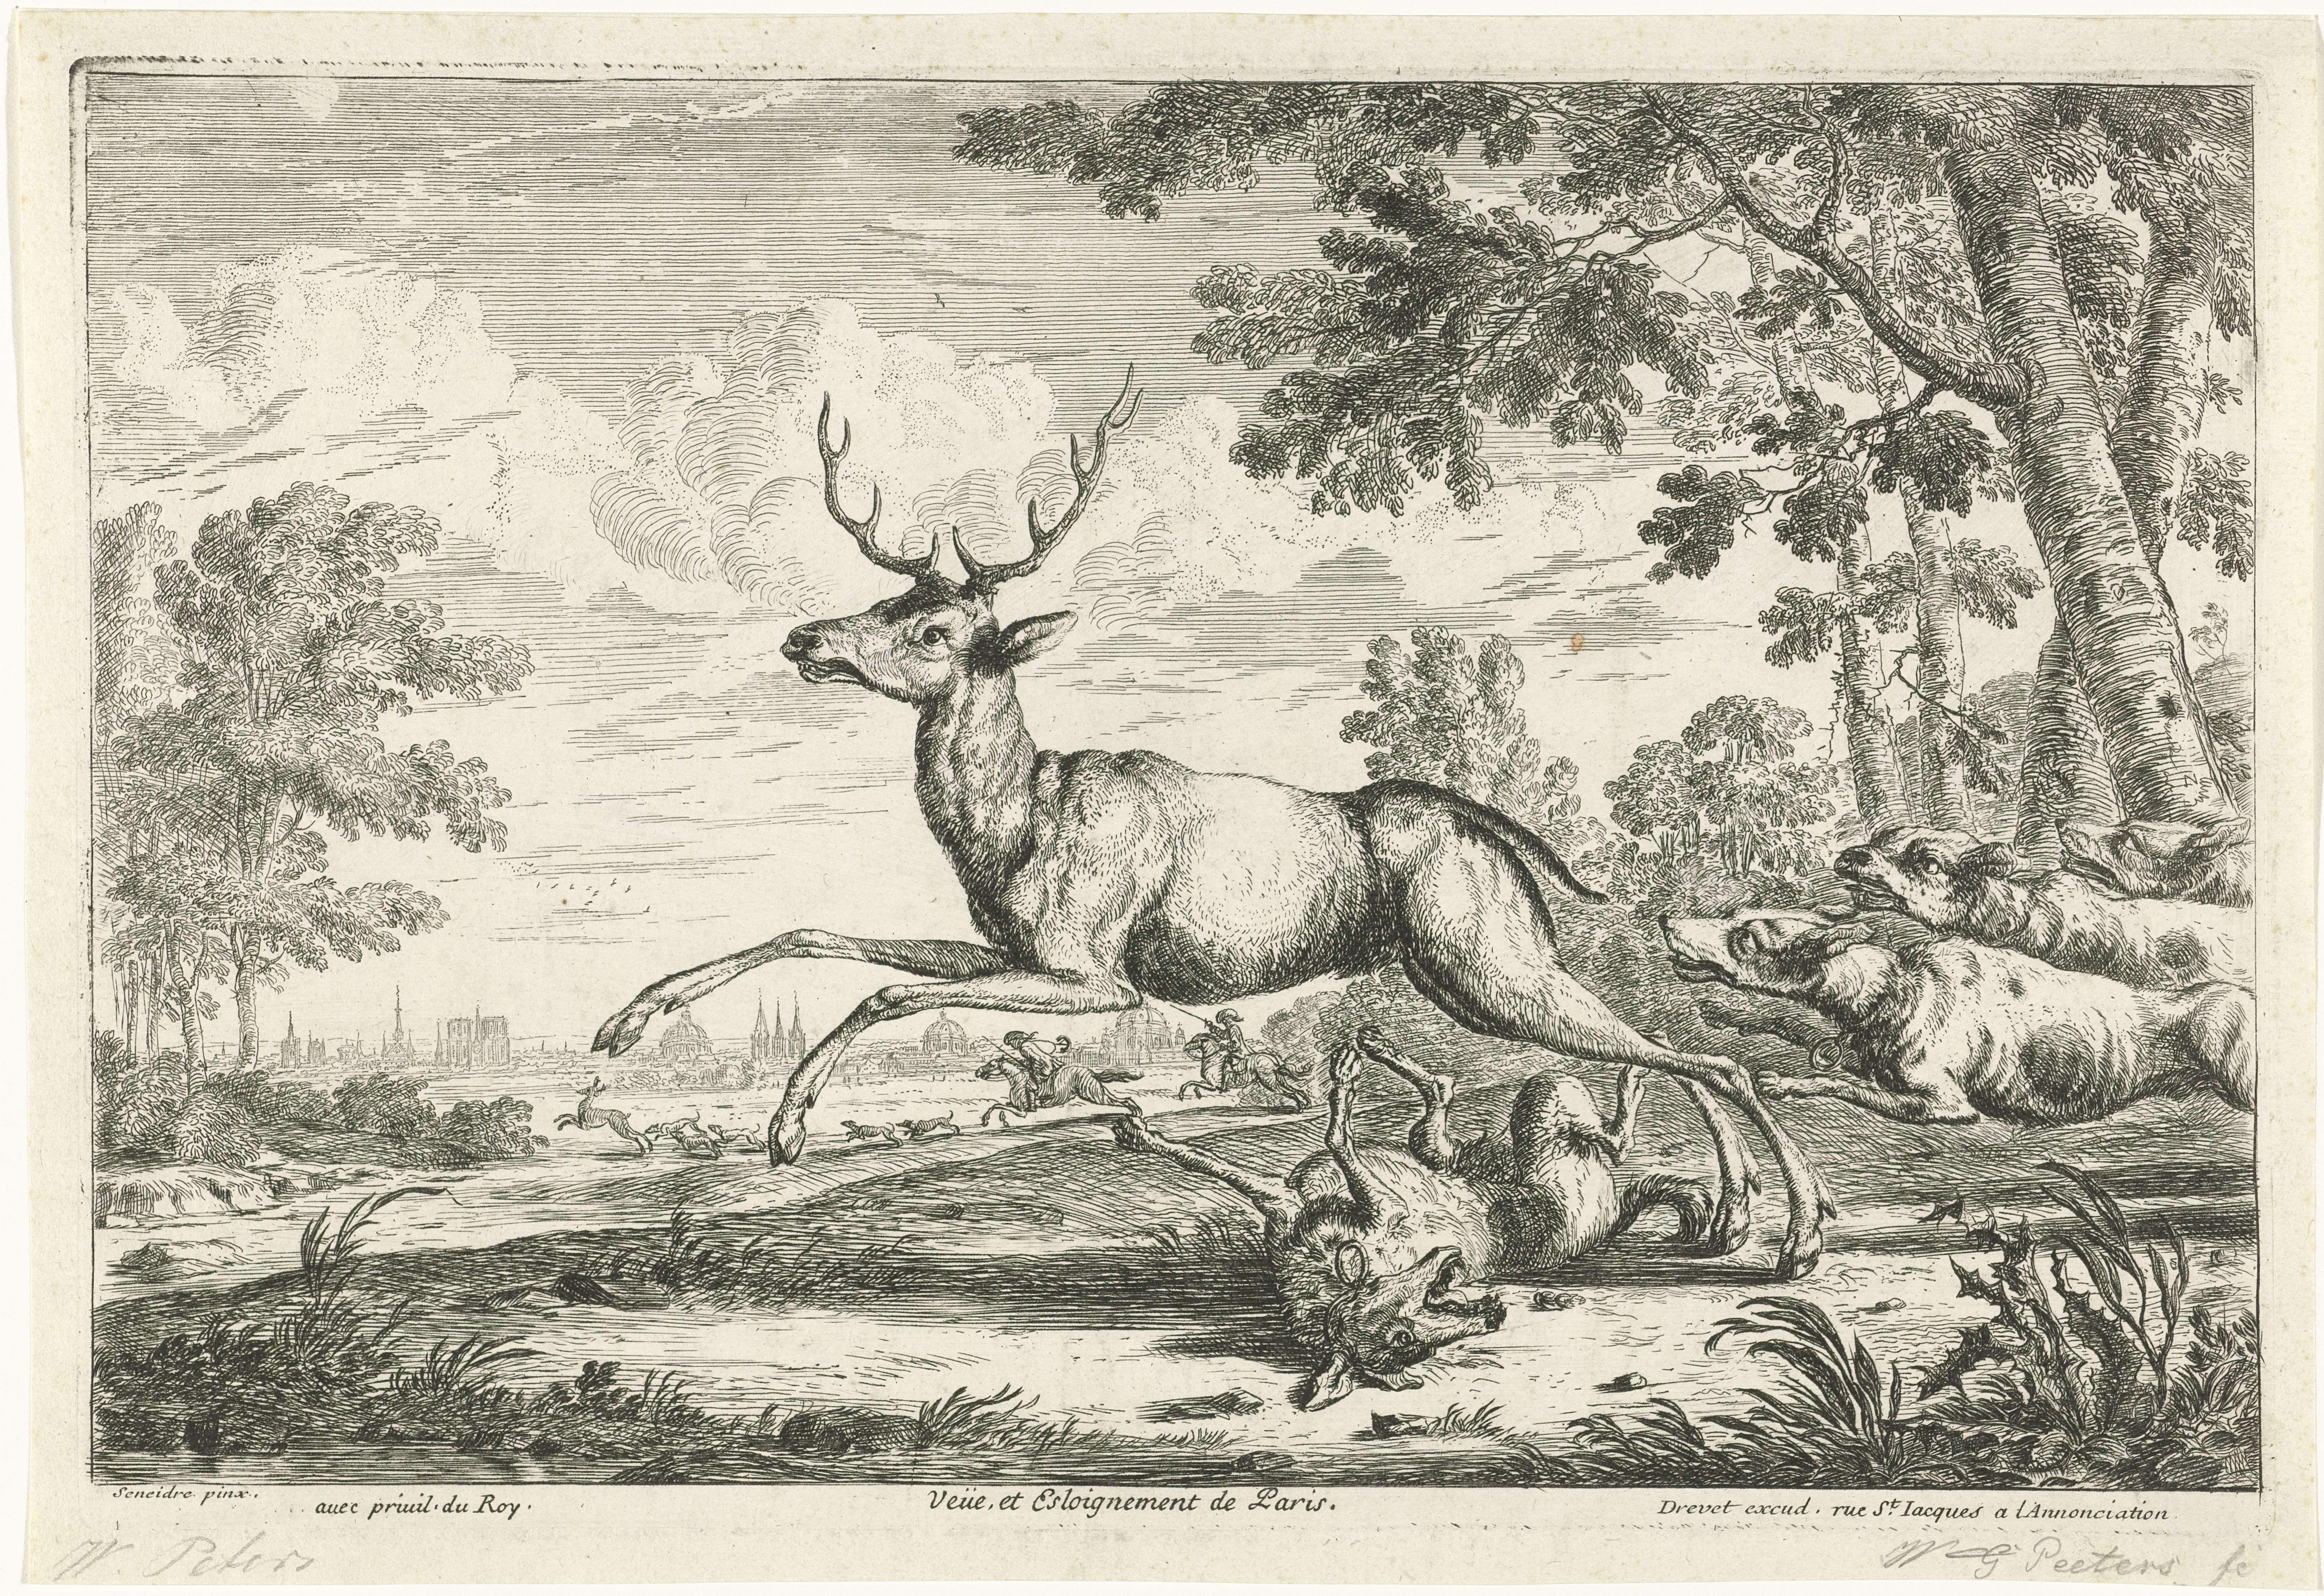 Gillis Peeters (I) | Hertenjacht, Gillis Peeters (I), Drevet, unknown, 1622 - 1653 | Landschap met een hertenjacht. Links op de achtergrond een gezicht op Parijs. In de marge een onderschrift in het Frans.